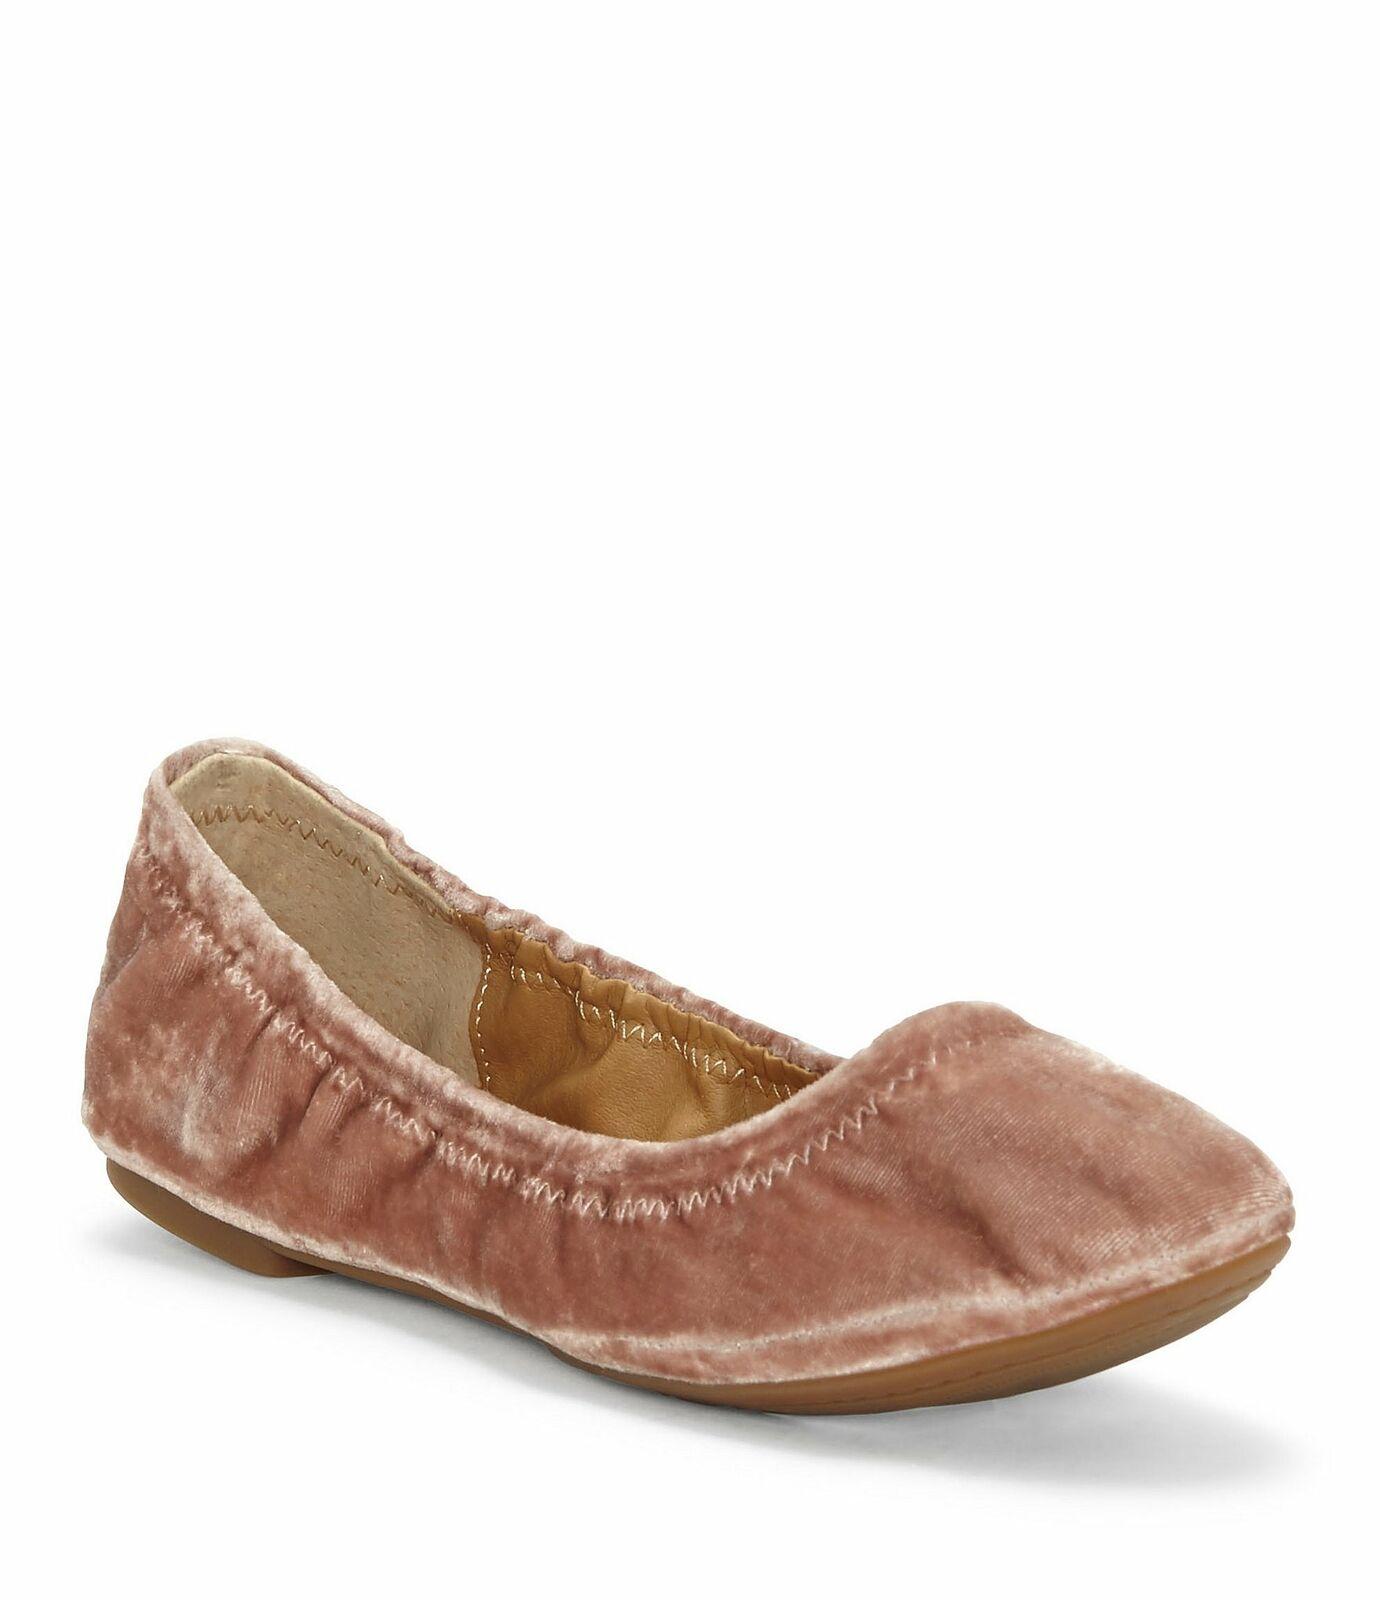 Lucky Brand Emmie bluesh Pink Nude Velvet Ballet Slip On Flexible Sole Flats